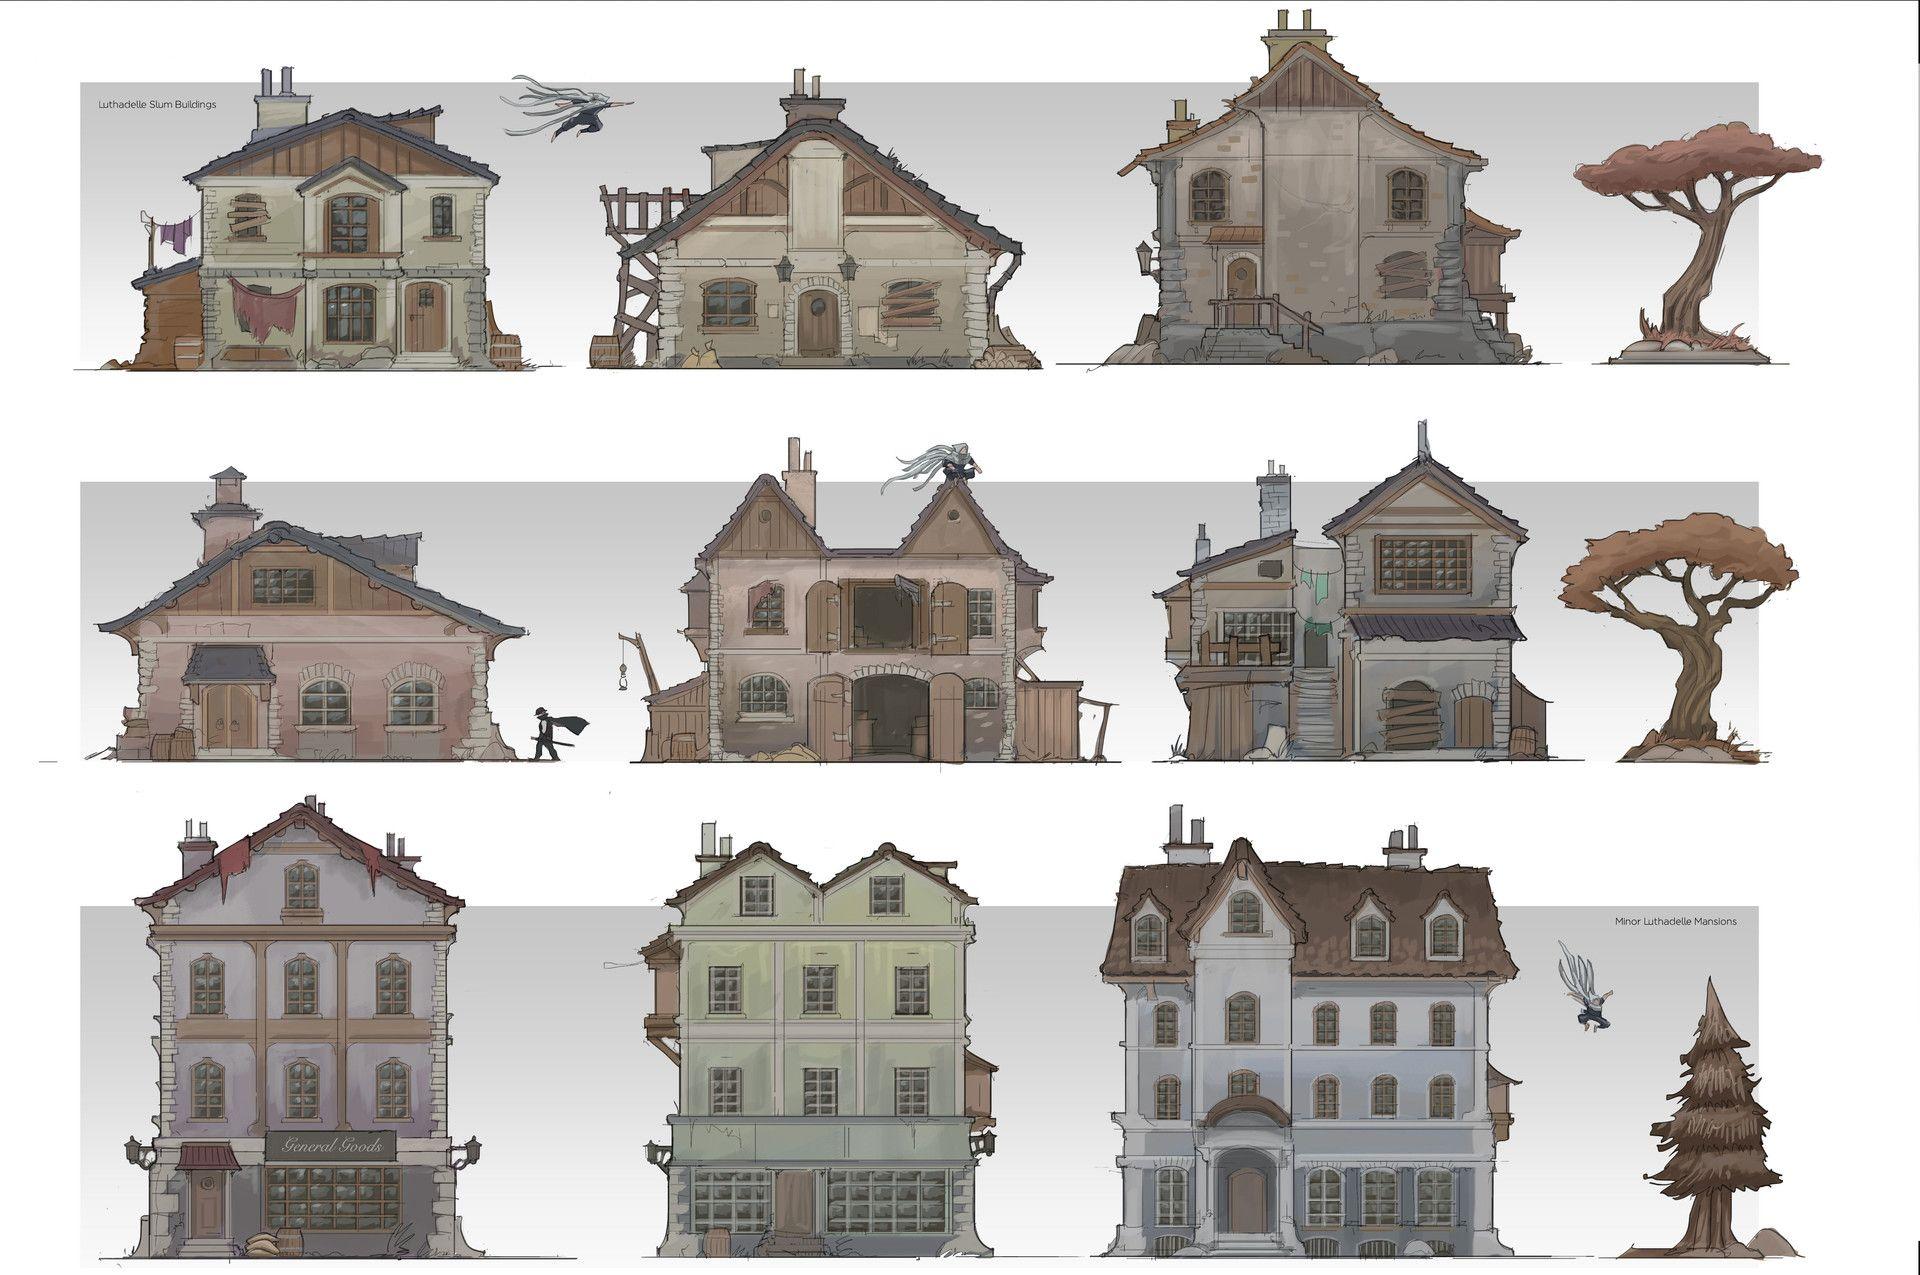 страна, сравнение зданий на картинке рассказывай, давай, все